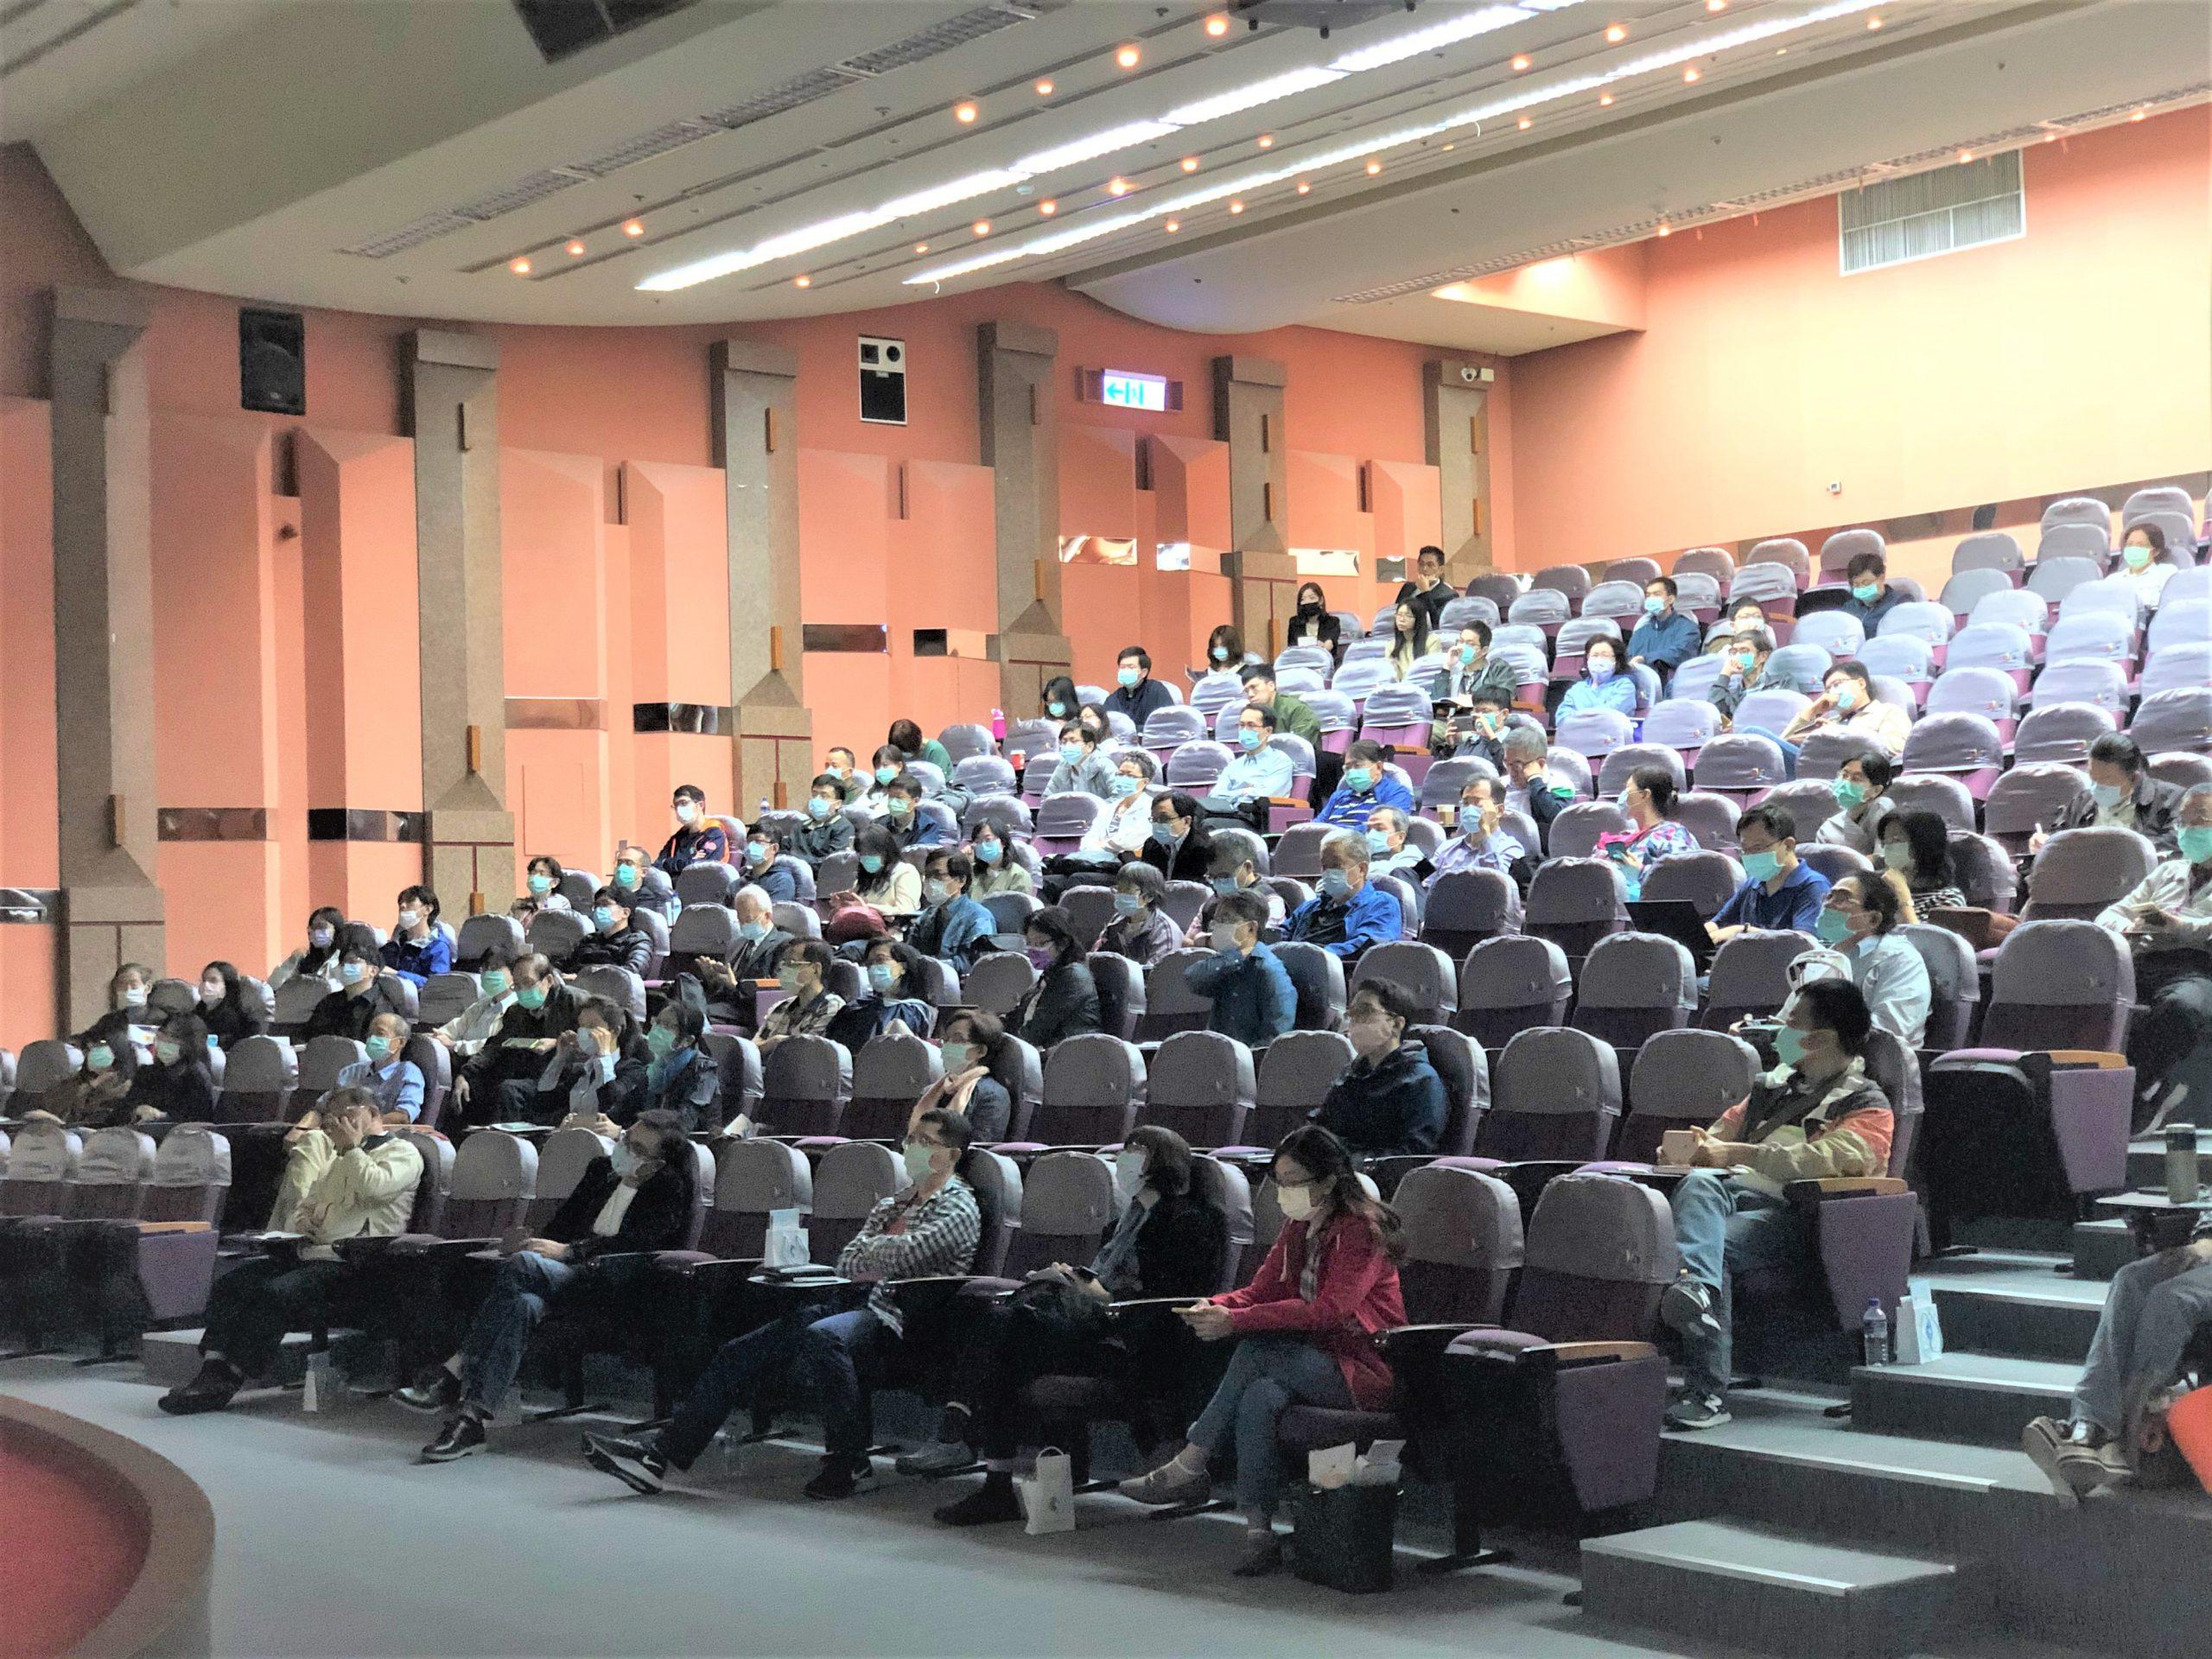 本公司於2020年10月25日於台北市青少年發展處國際會議廳舉辦兒童皮膚照護與治療特別演講-由台大醫院江伯倫副院長主持,林仲醫師與Dr. Christian Diehl 主講,共有108位醫師出席